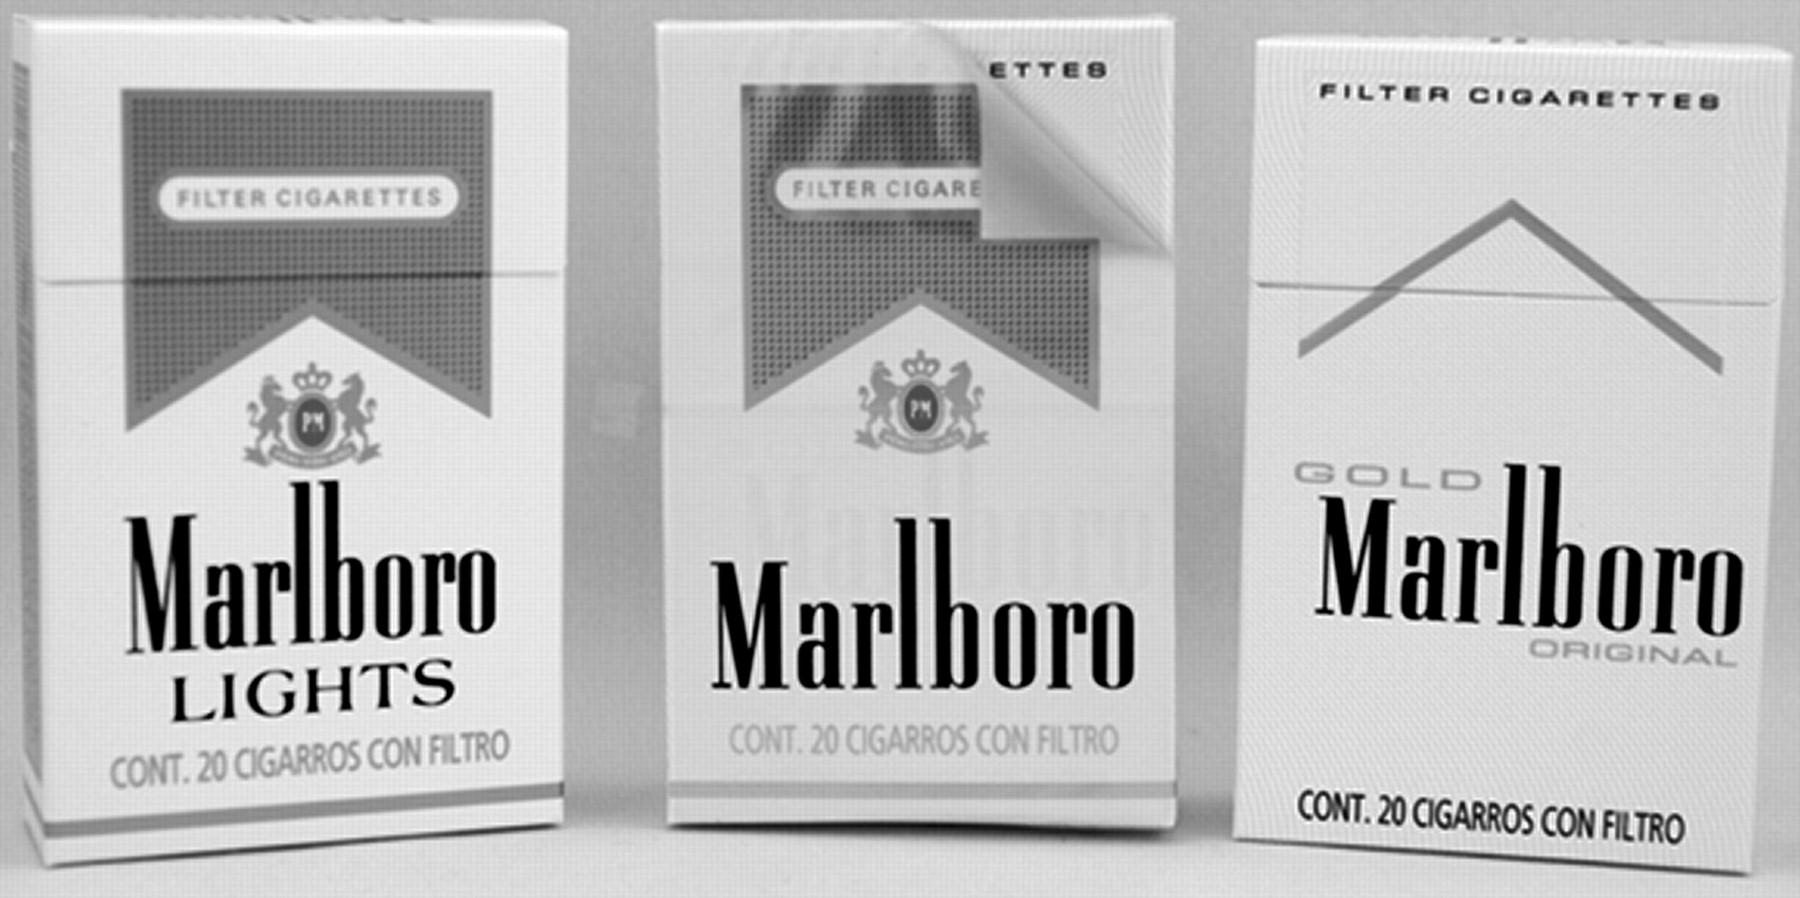 Kent cigarettes buy Detroit